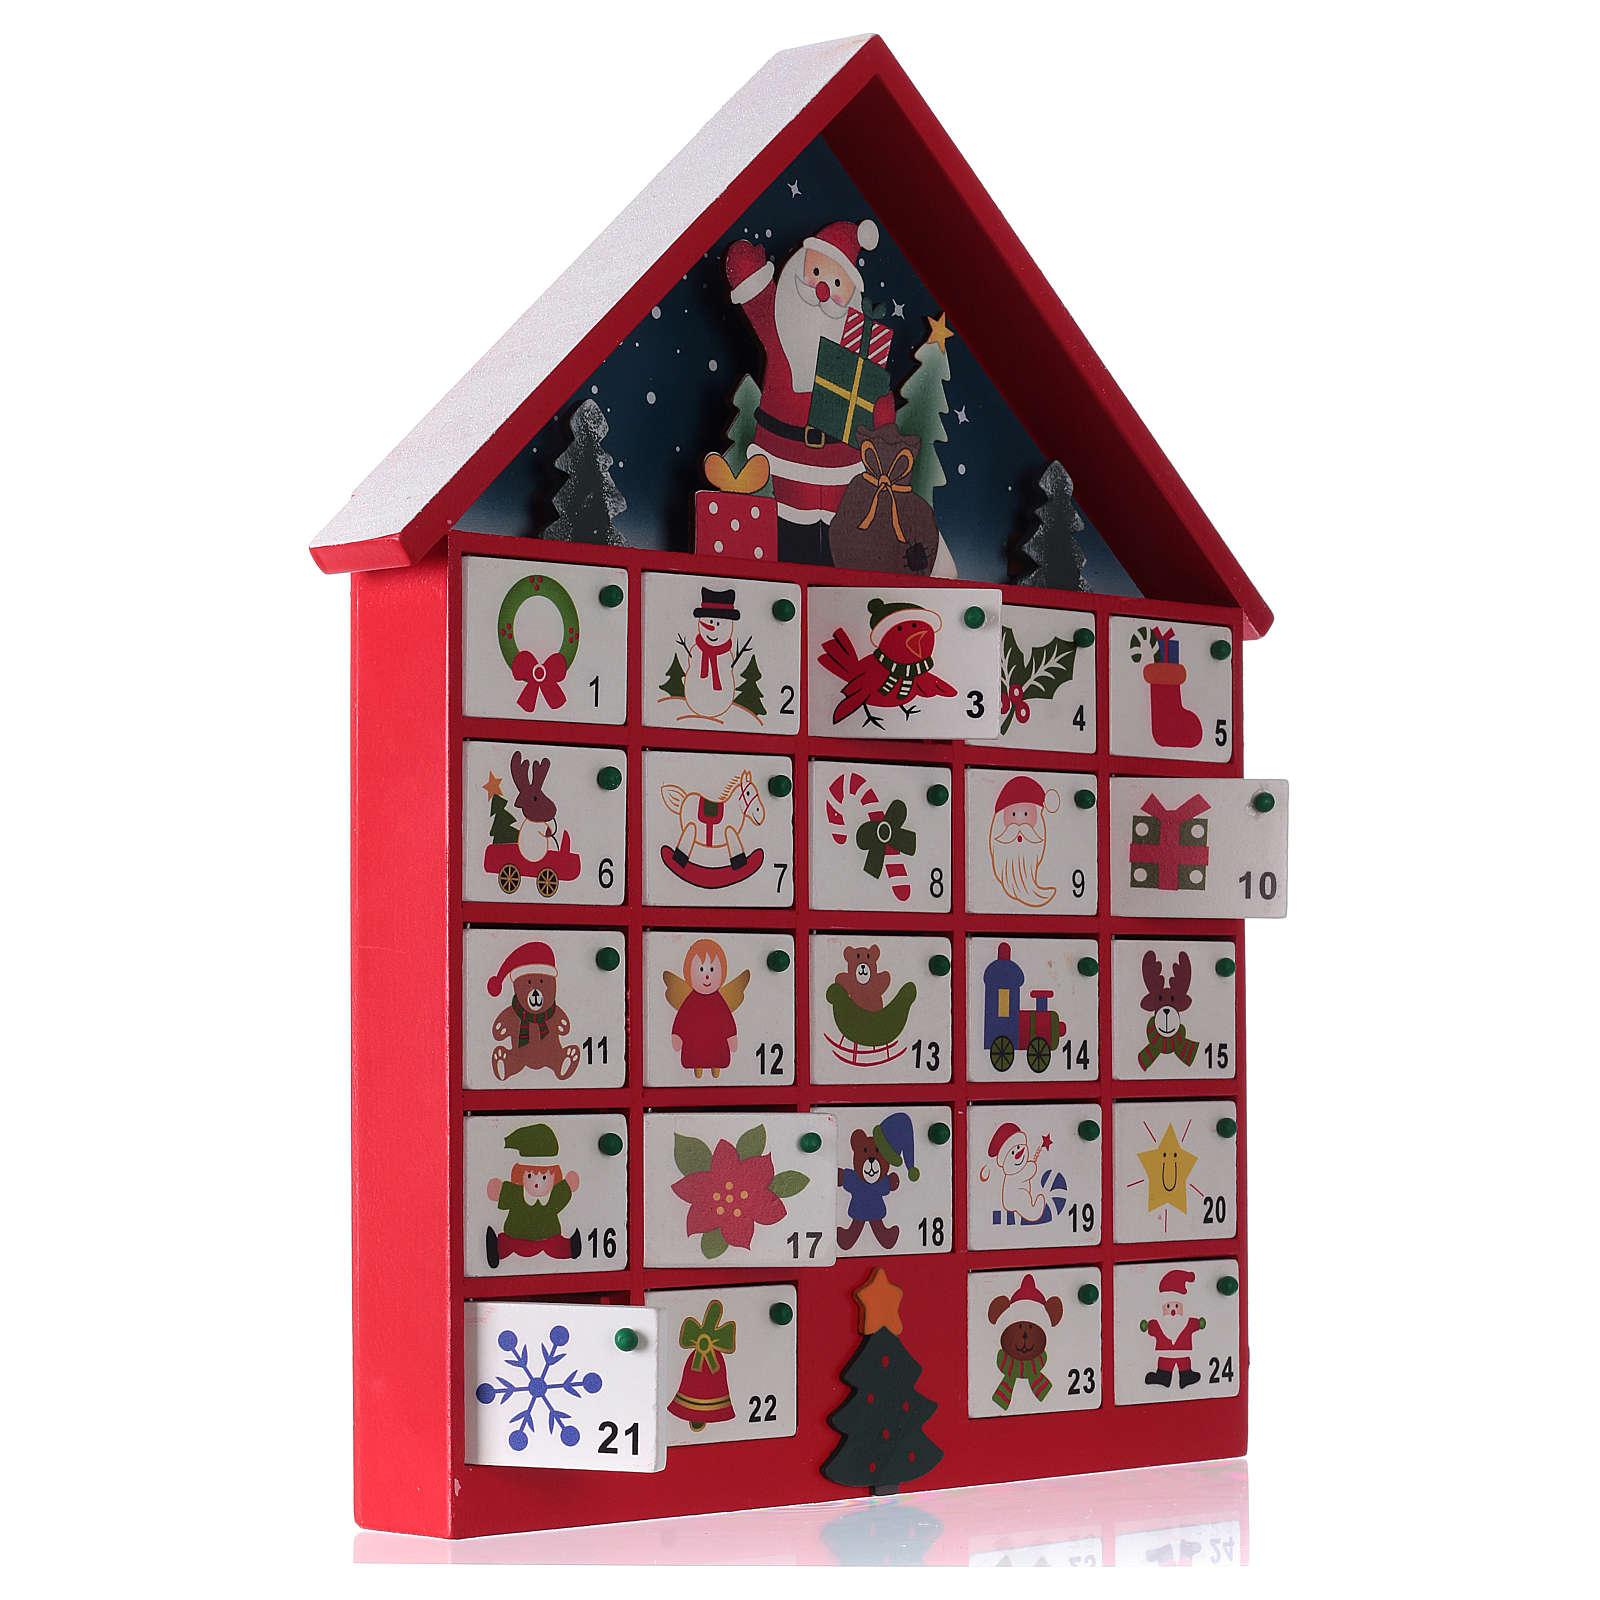 Calendrier De Lavant Maison.Calendrier De L Avent Maison En Bois Rouge 20x35x5 Cm